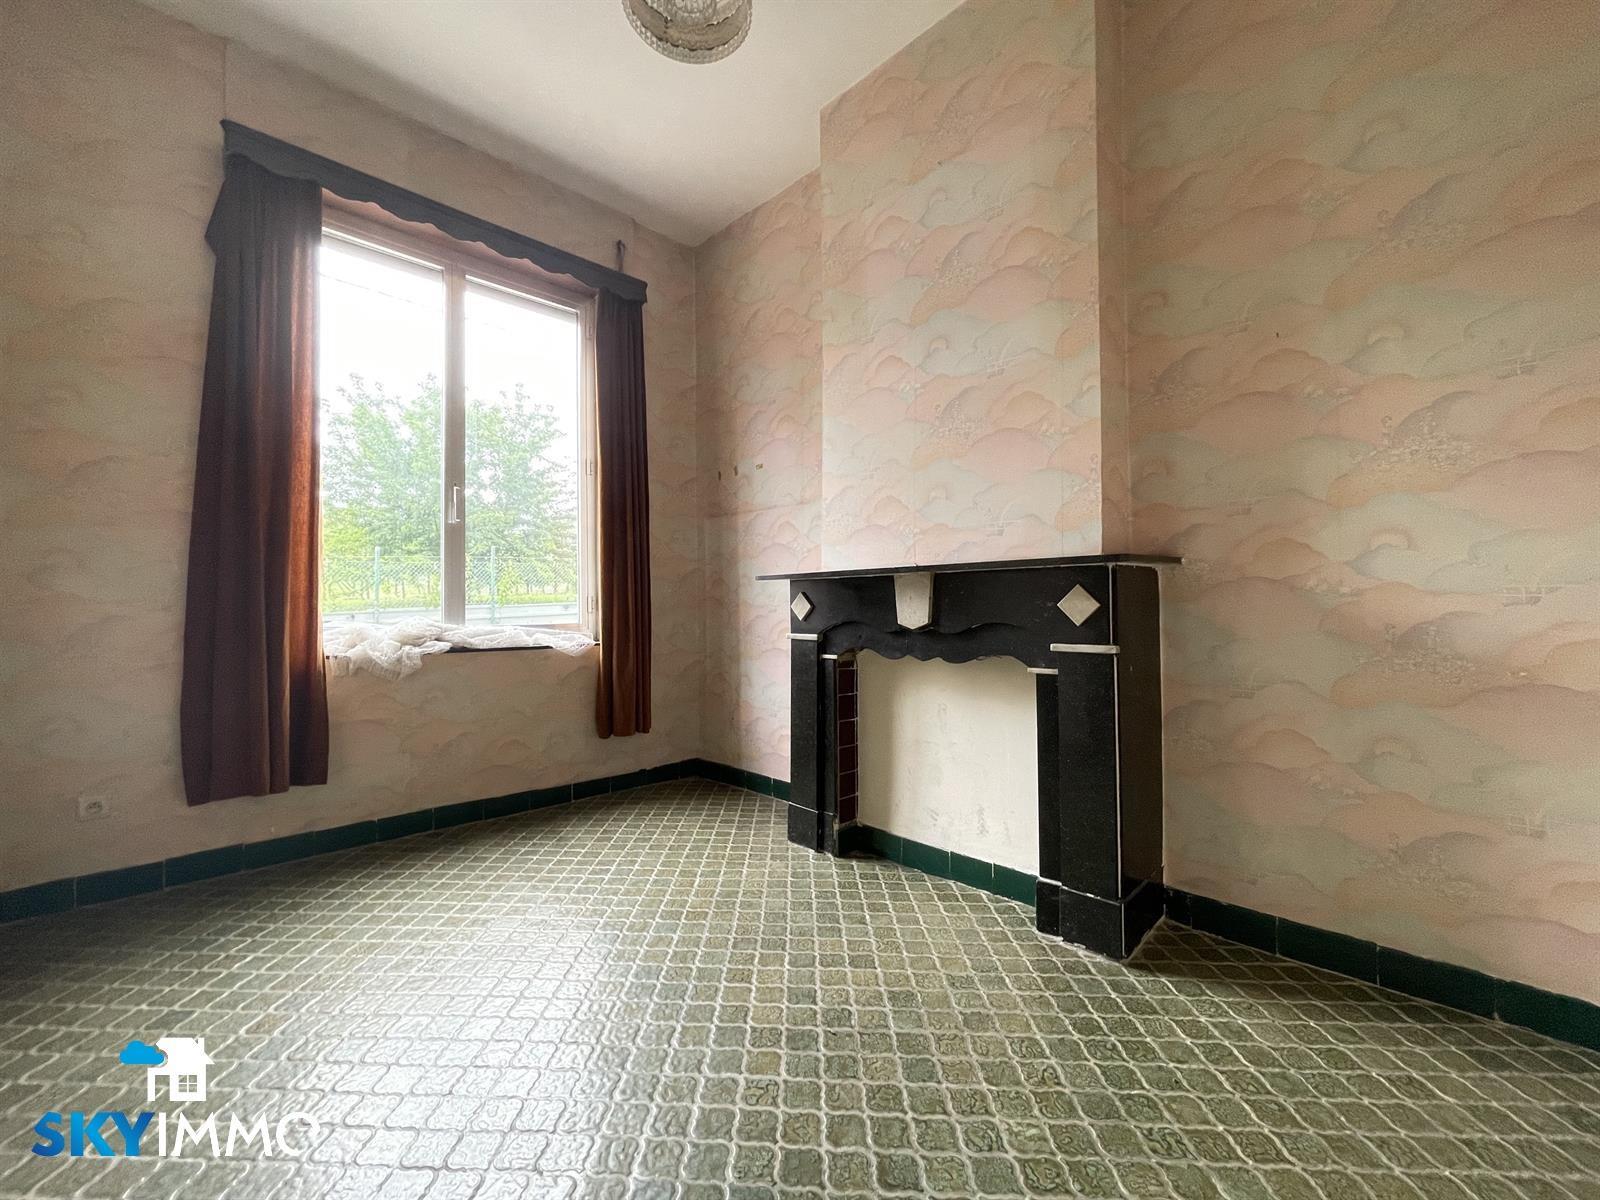 Maison - Seraing - #4391946-2